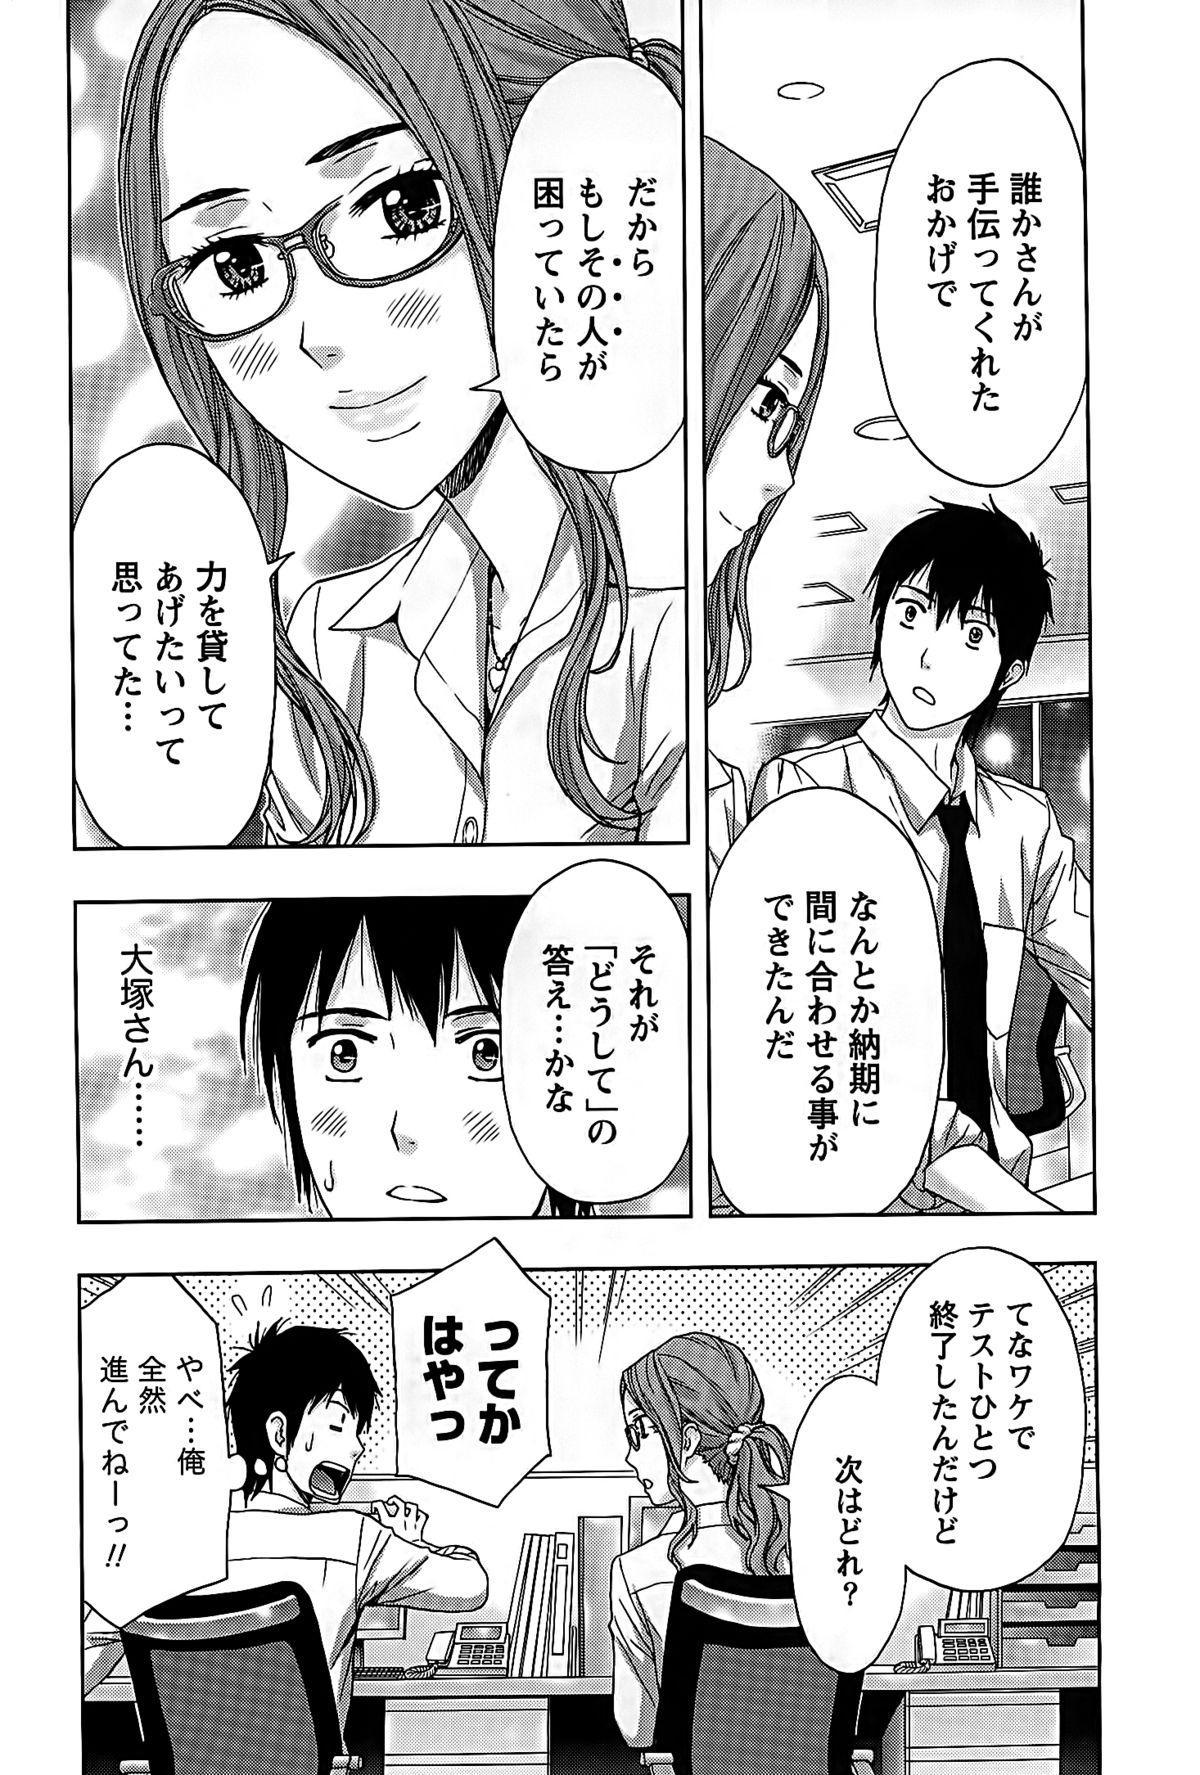 Shittori Lady to Amai Mitsu 33